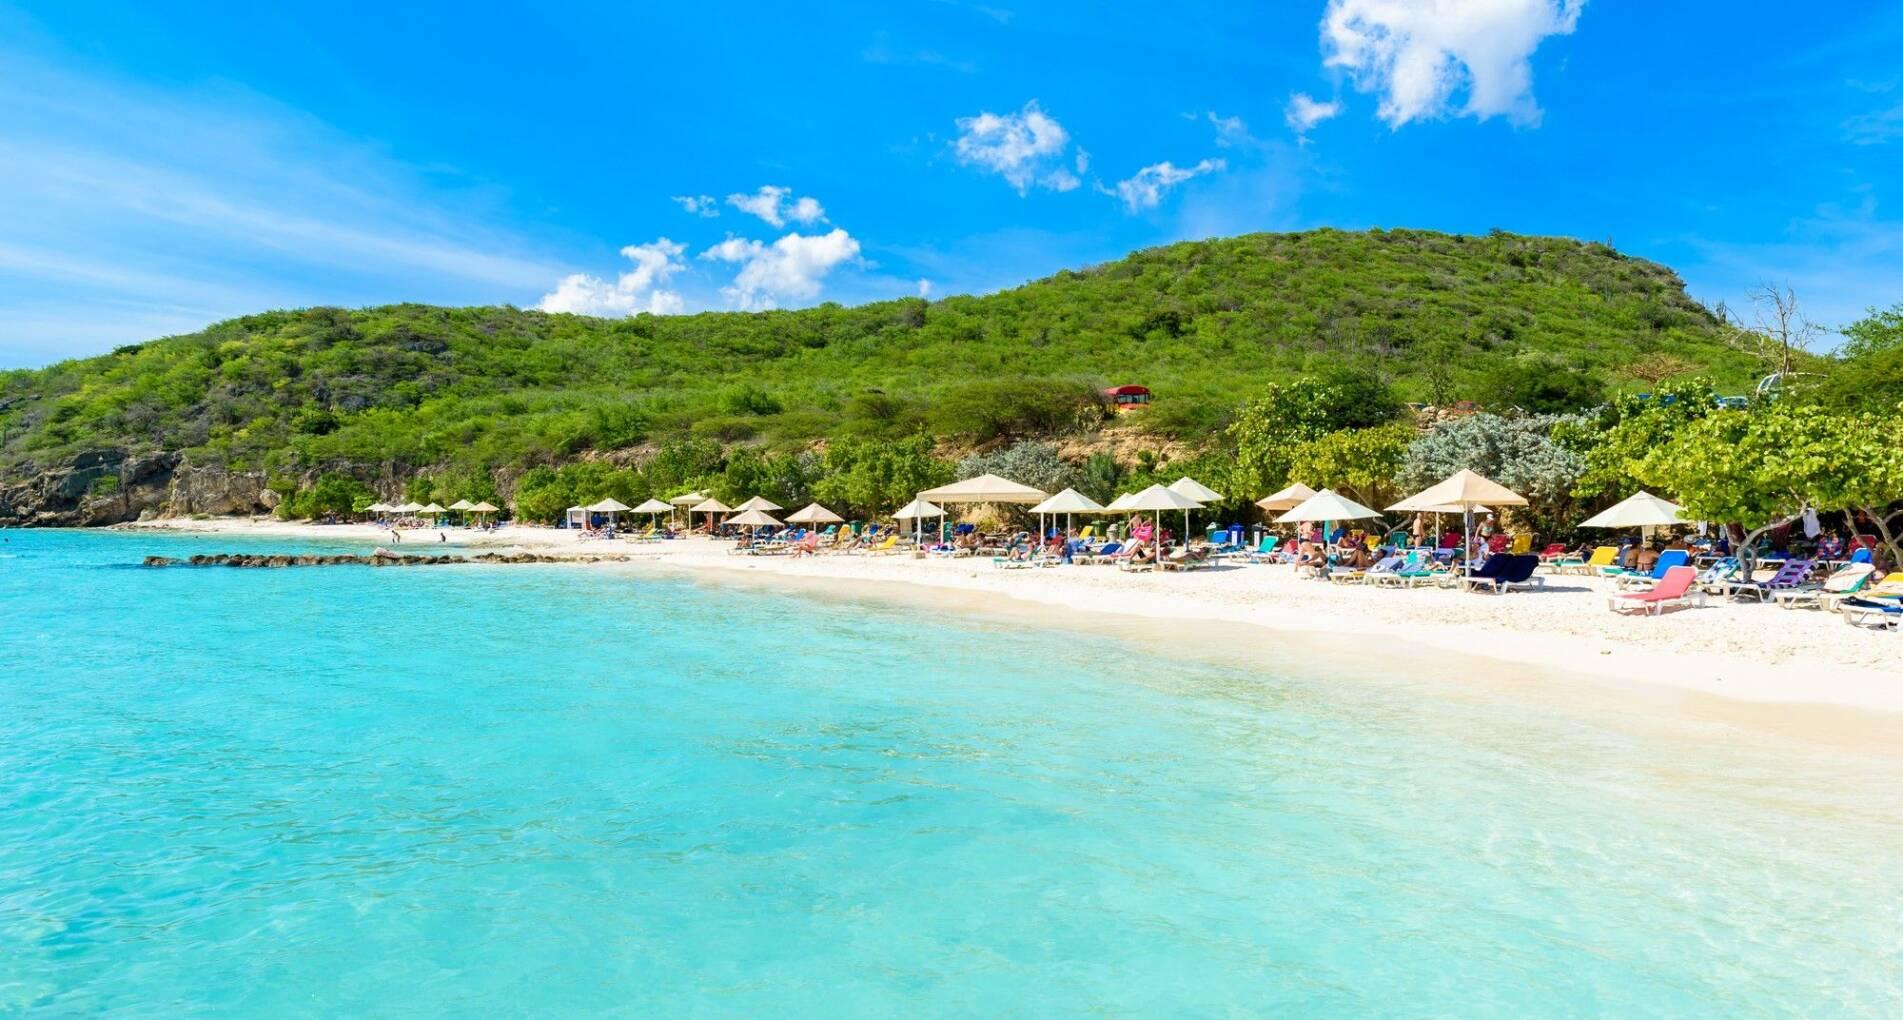 Tropisch Curaçao: Wuivende palmen en witte stranden - Curacao - 1